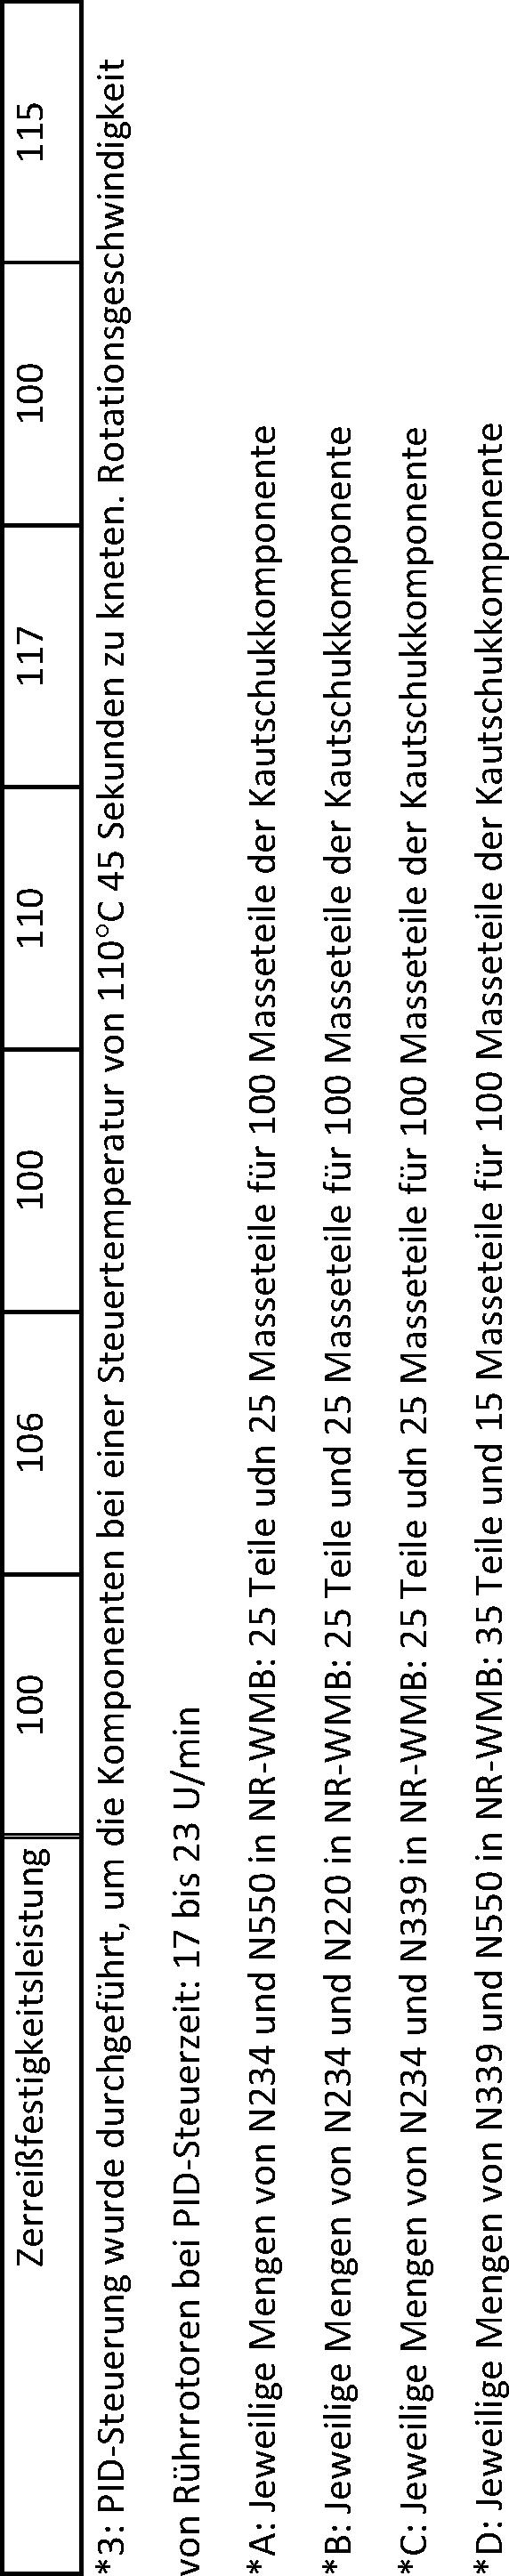 Figure DE112014005088T5_0010